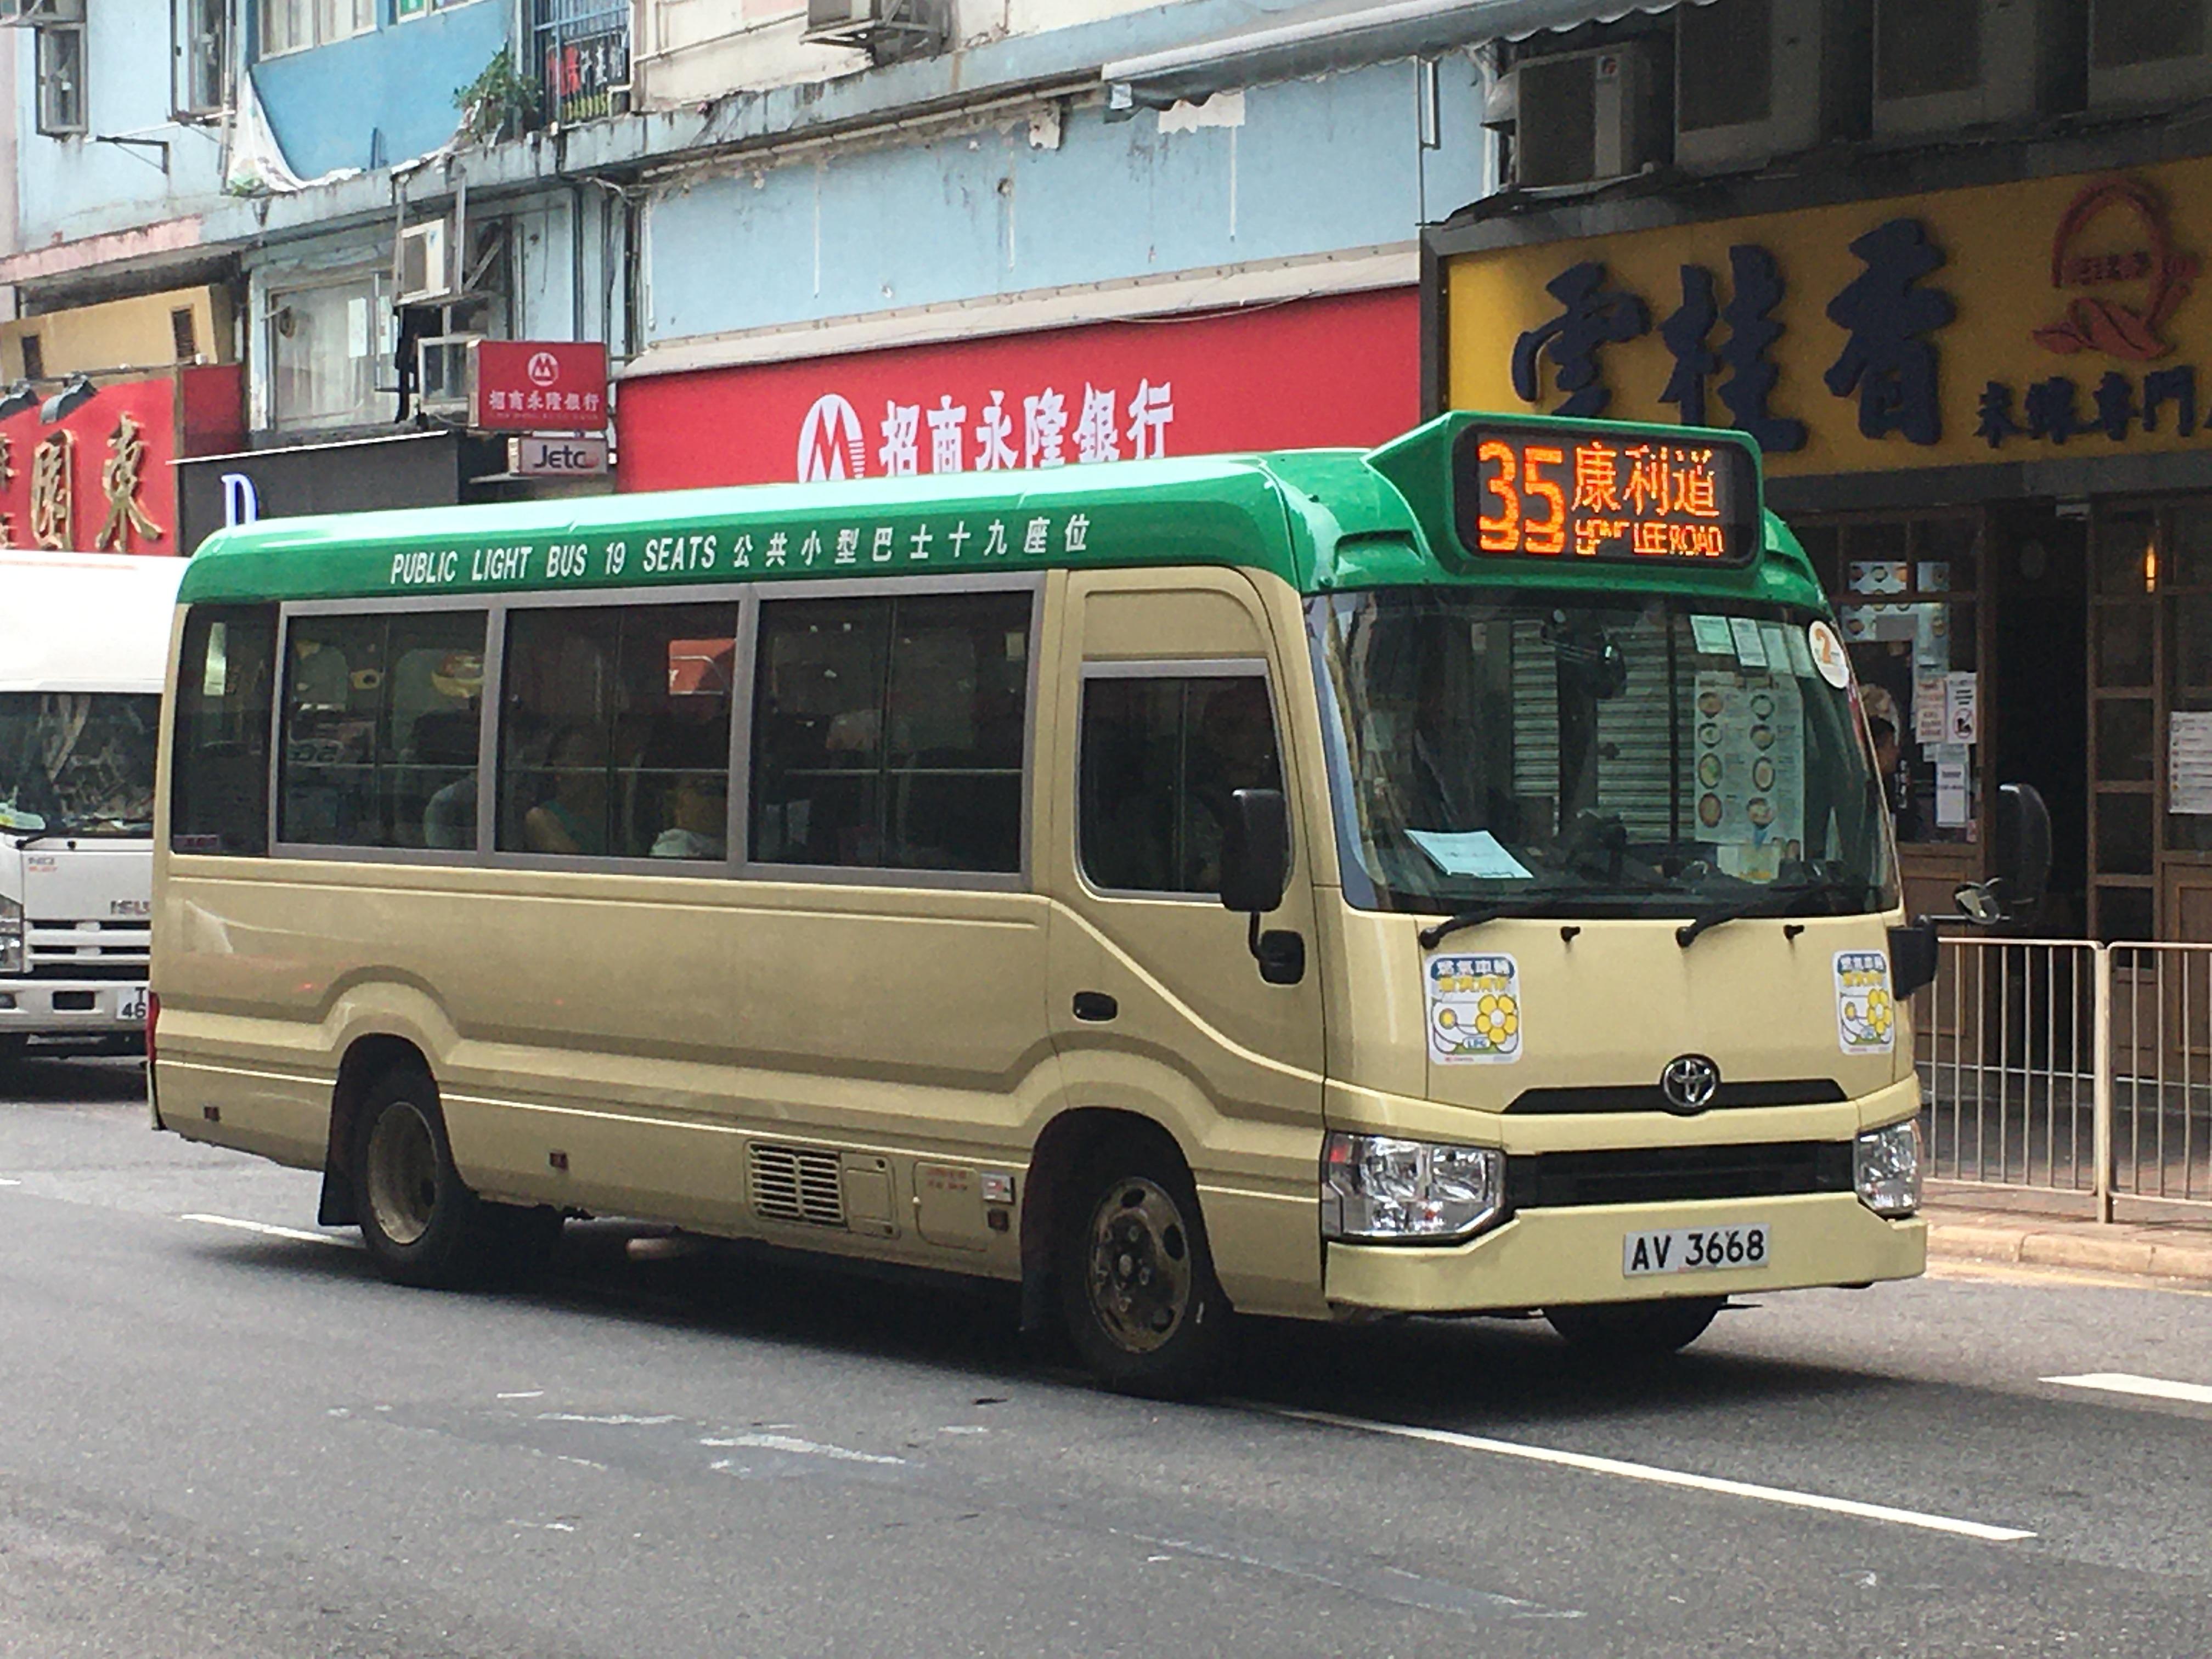 九龍專綫小巴35線